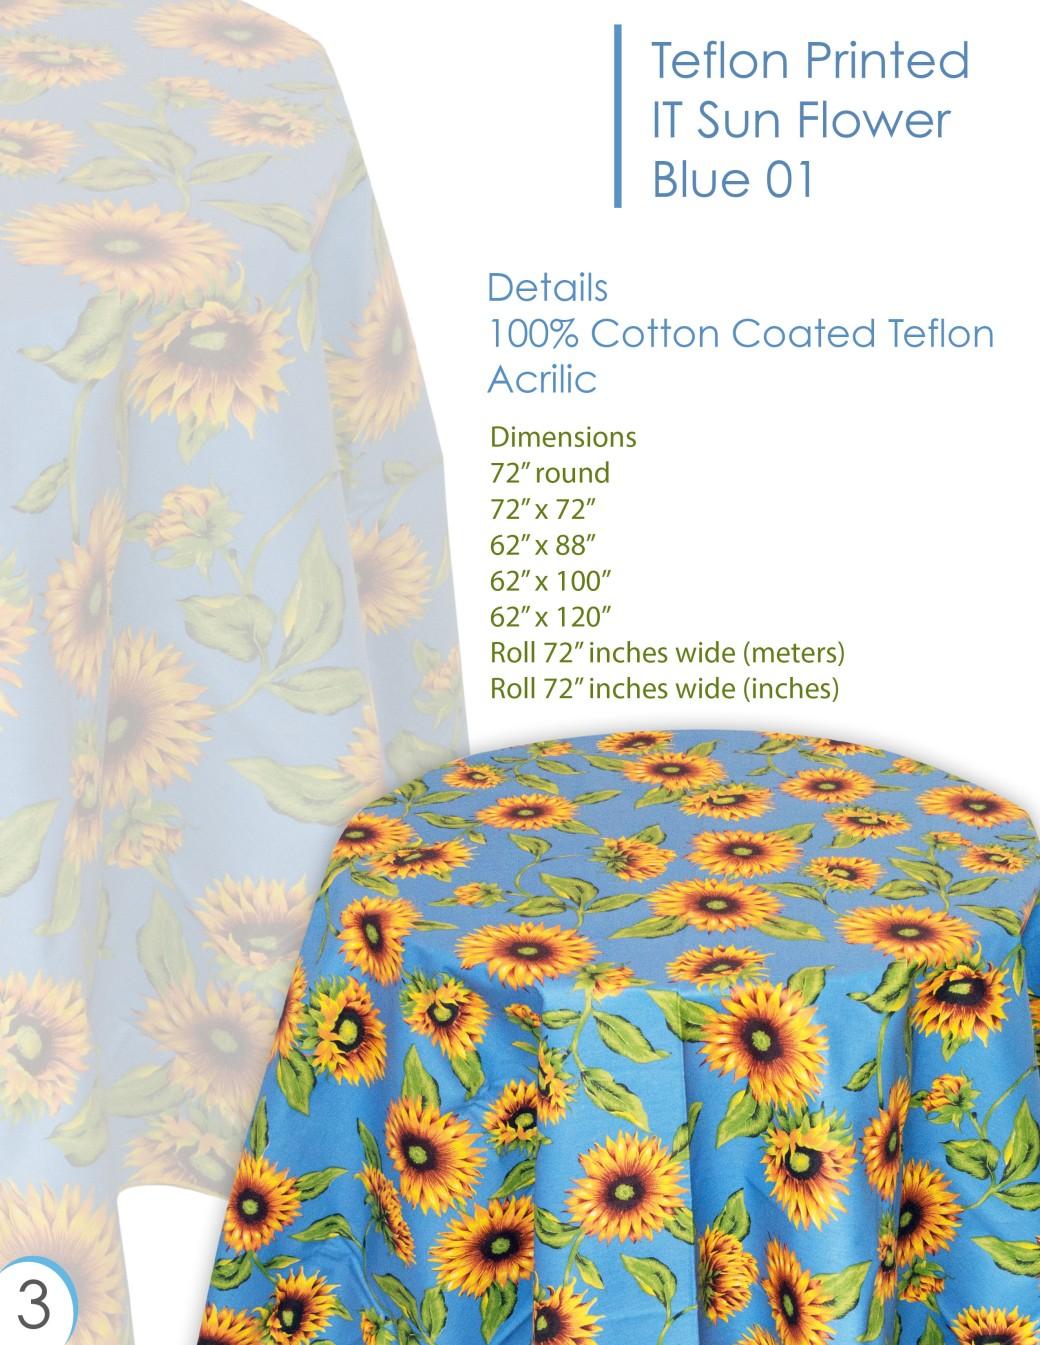 sun flower blue